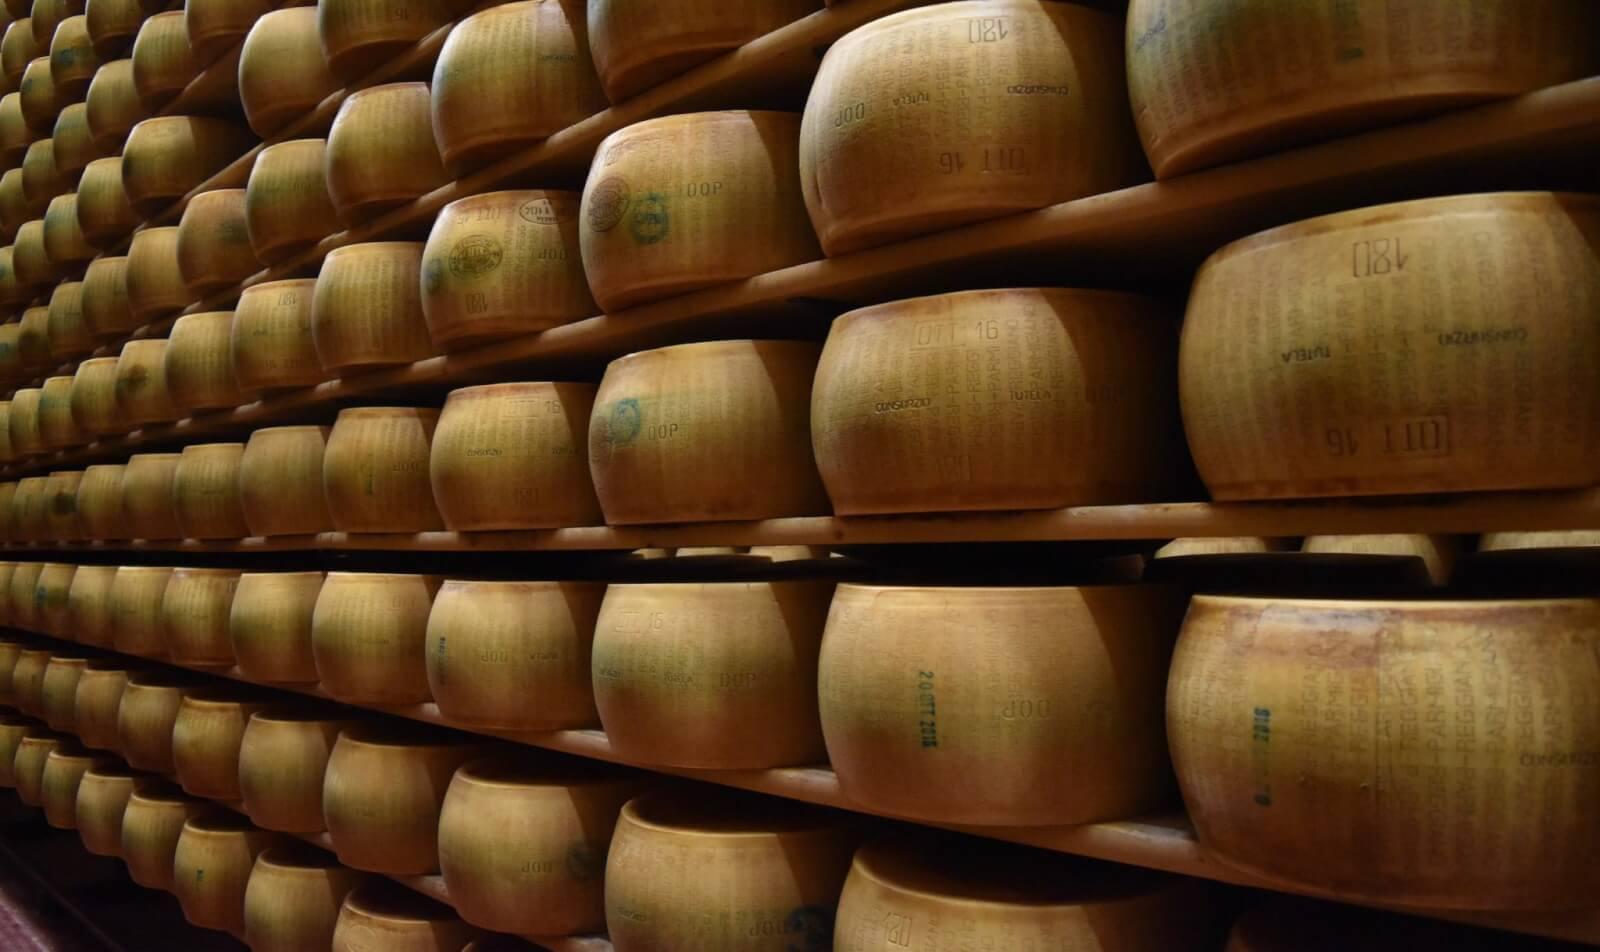 rows and rows of parmigiano reggiano